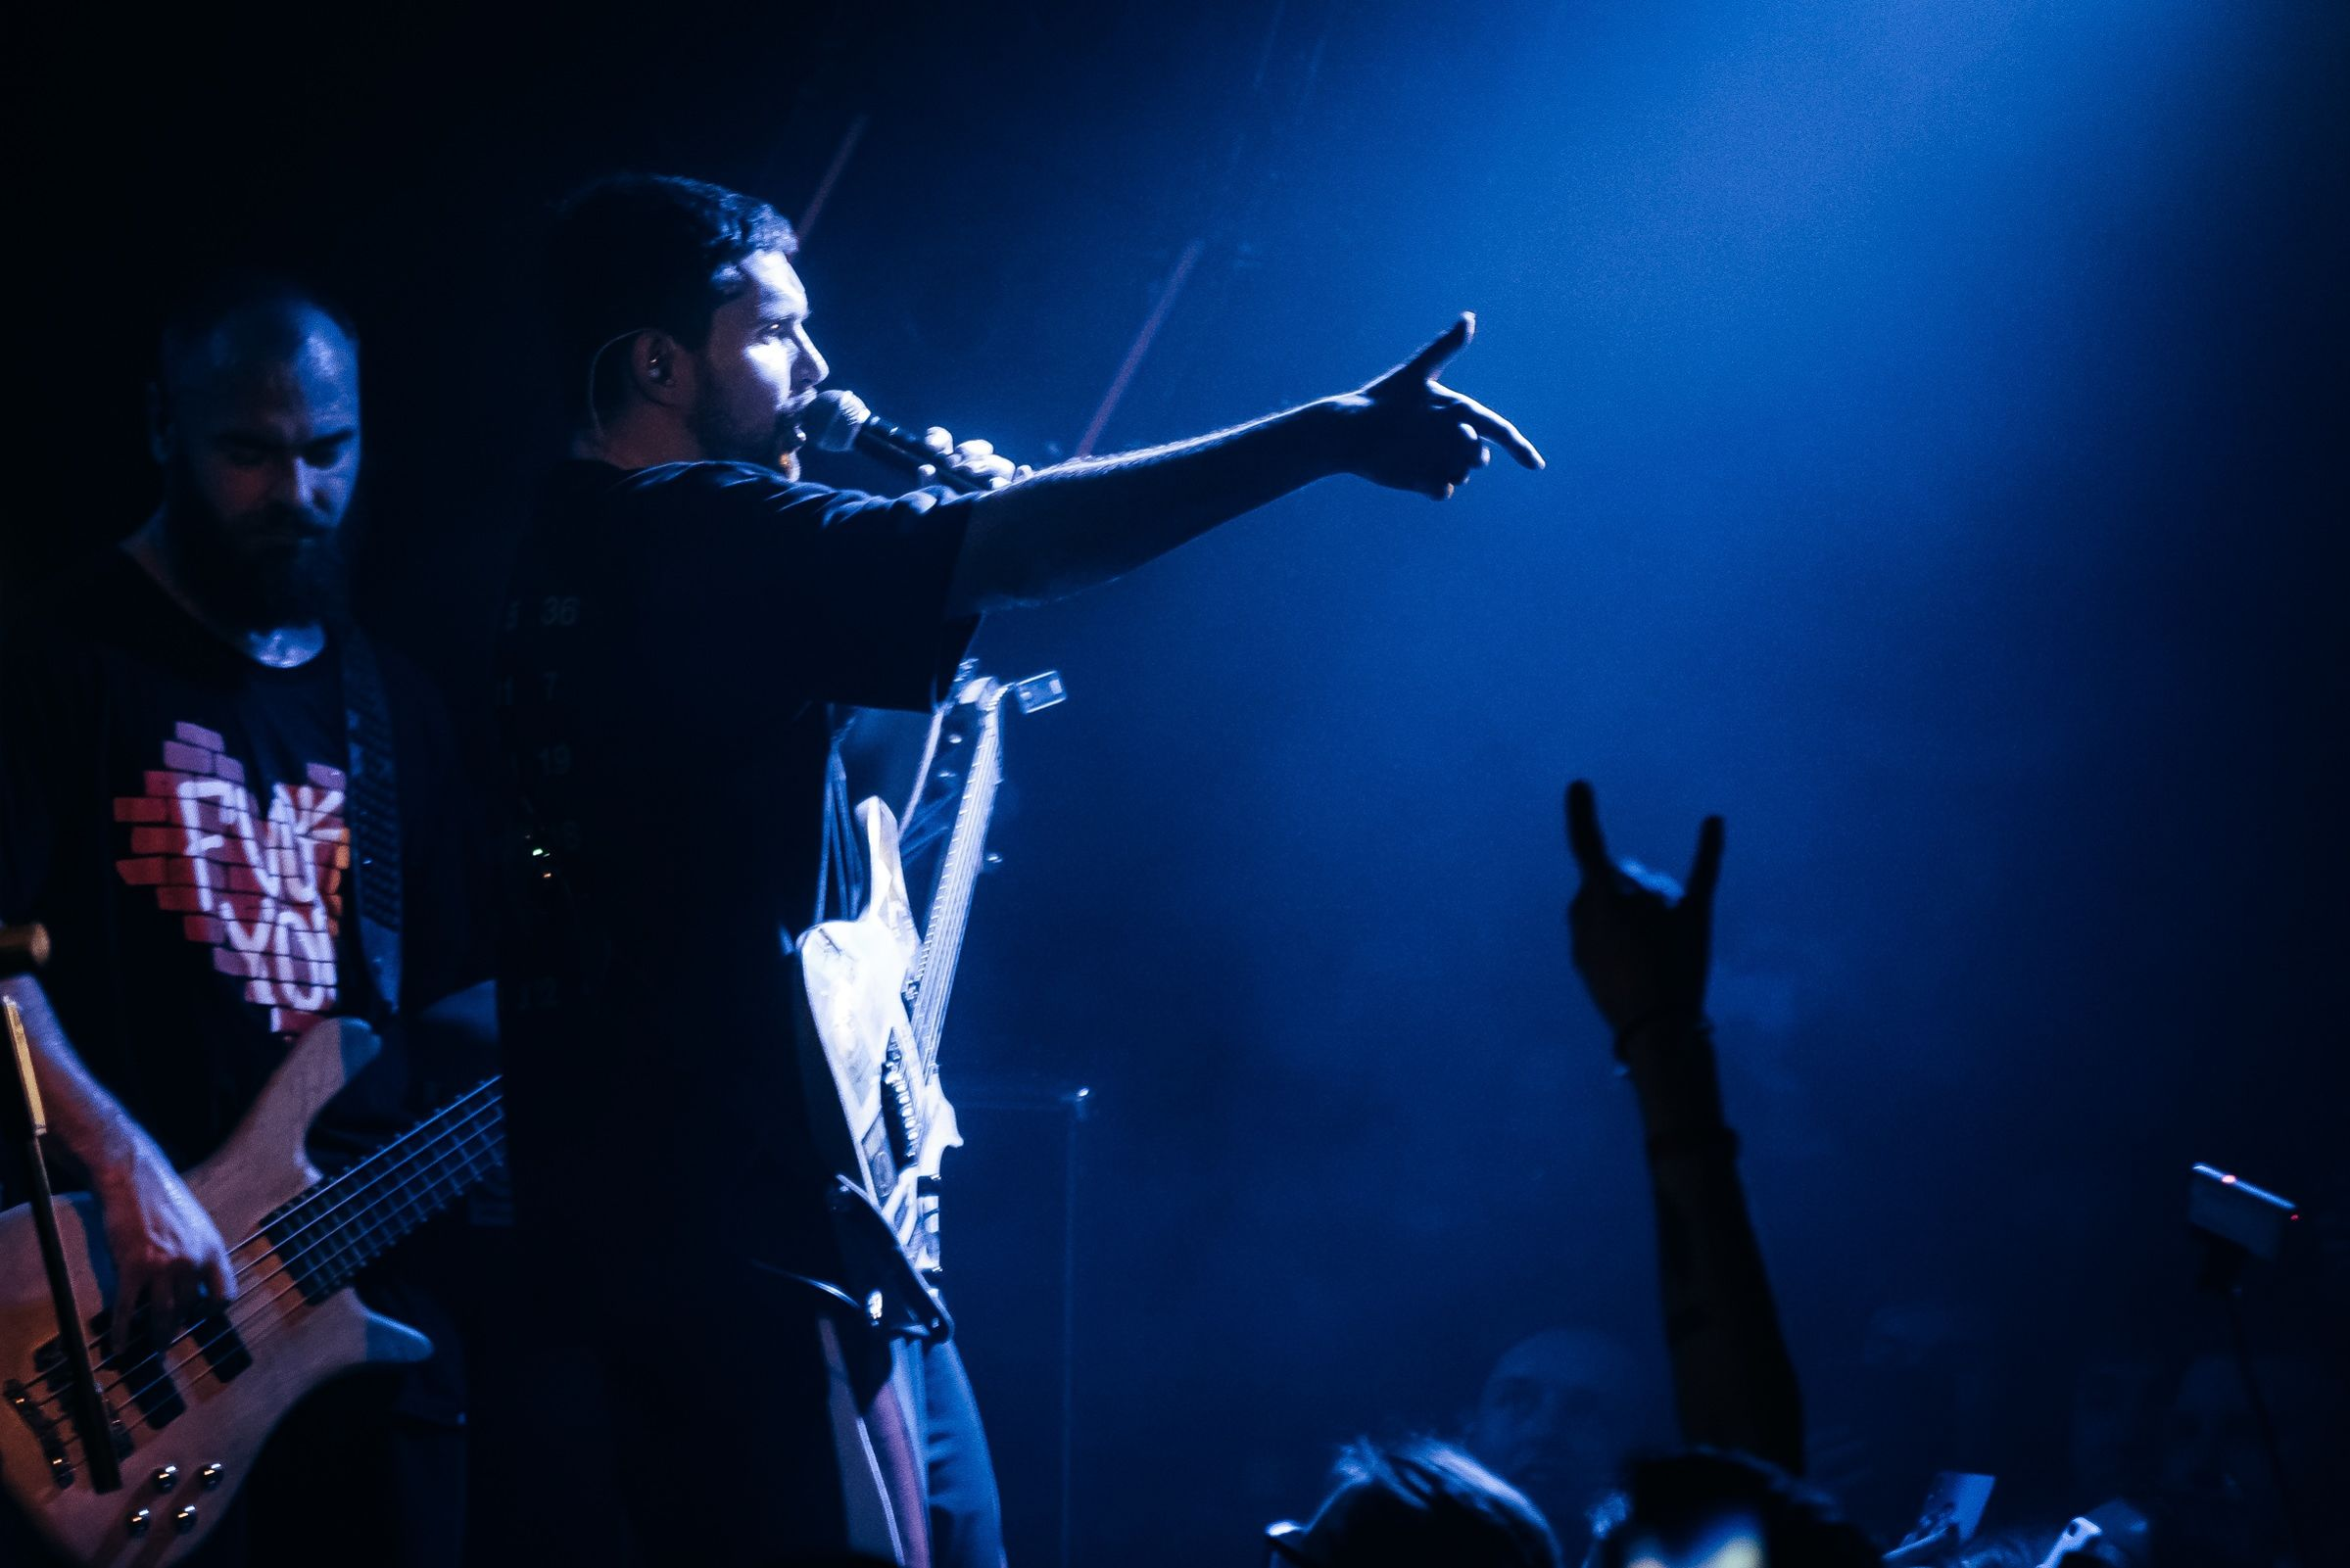 Известный российский рэпер Noize MC похвалил ярославскую публику